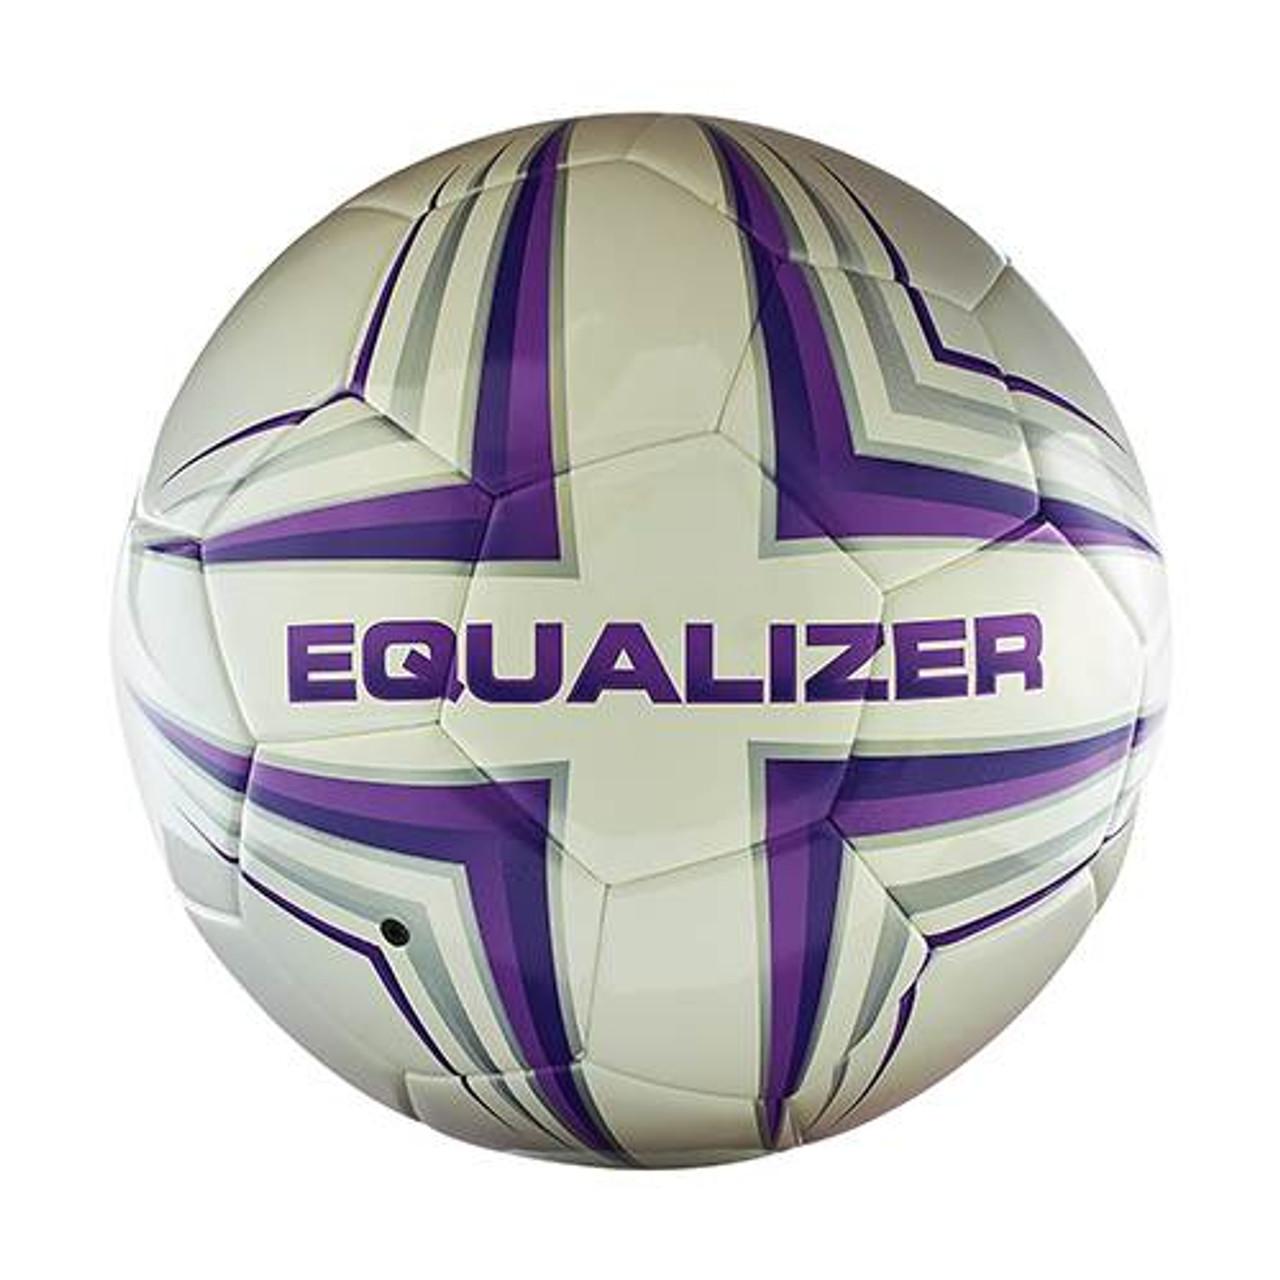 MacGregor Equalizer Soccer Ball - Size 5